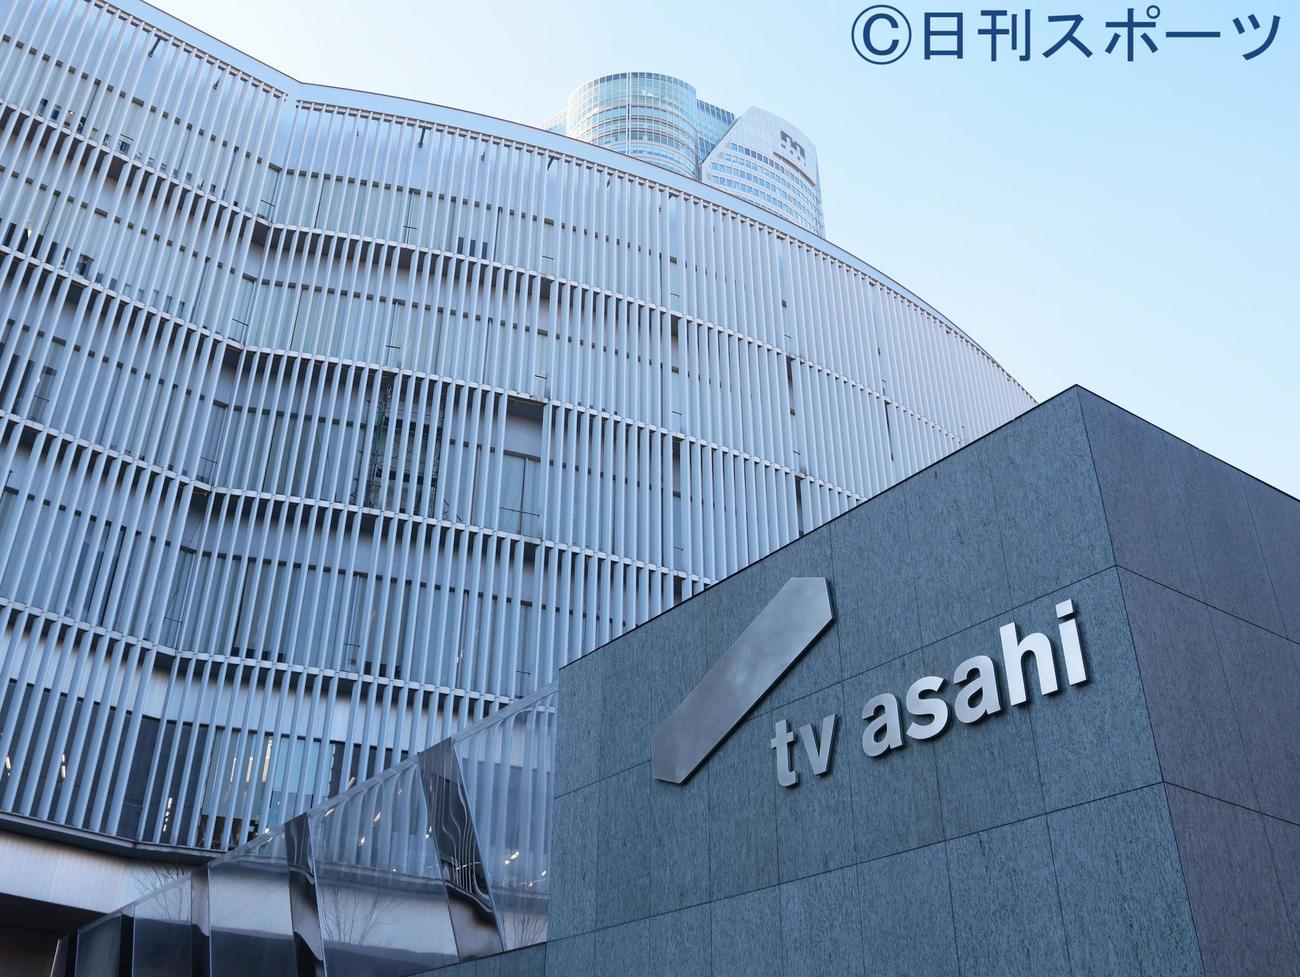 六本木のテレビ朝日本社(2021年1月13日撮影)